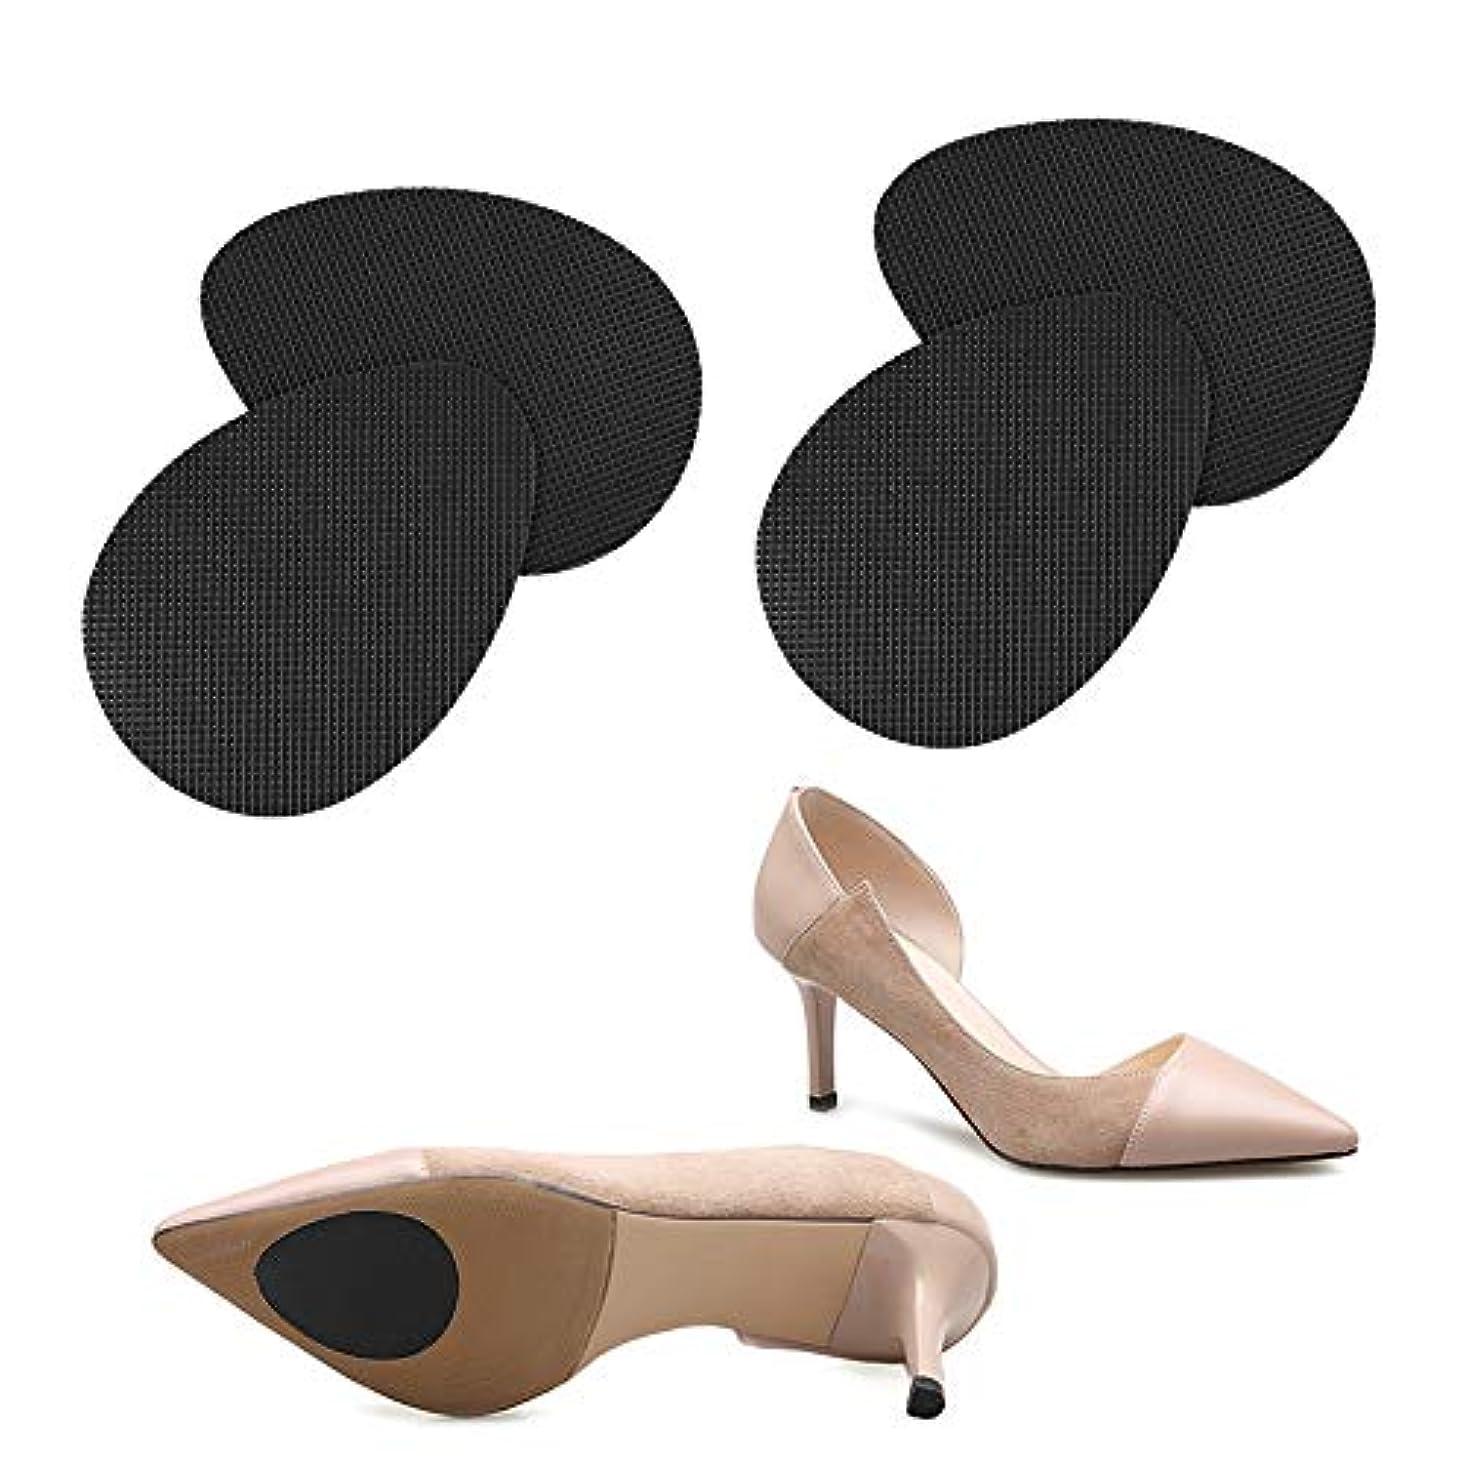 醸造所とげのあるトンネル靴 滑り止め ステッカー,LINECY 【スリップガード】靴保護 シート つま先&かかと 靴底補修 滑り止め (2足4枚いり)